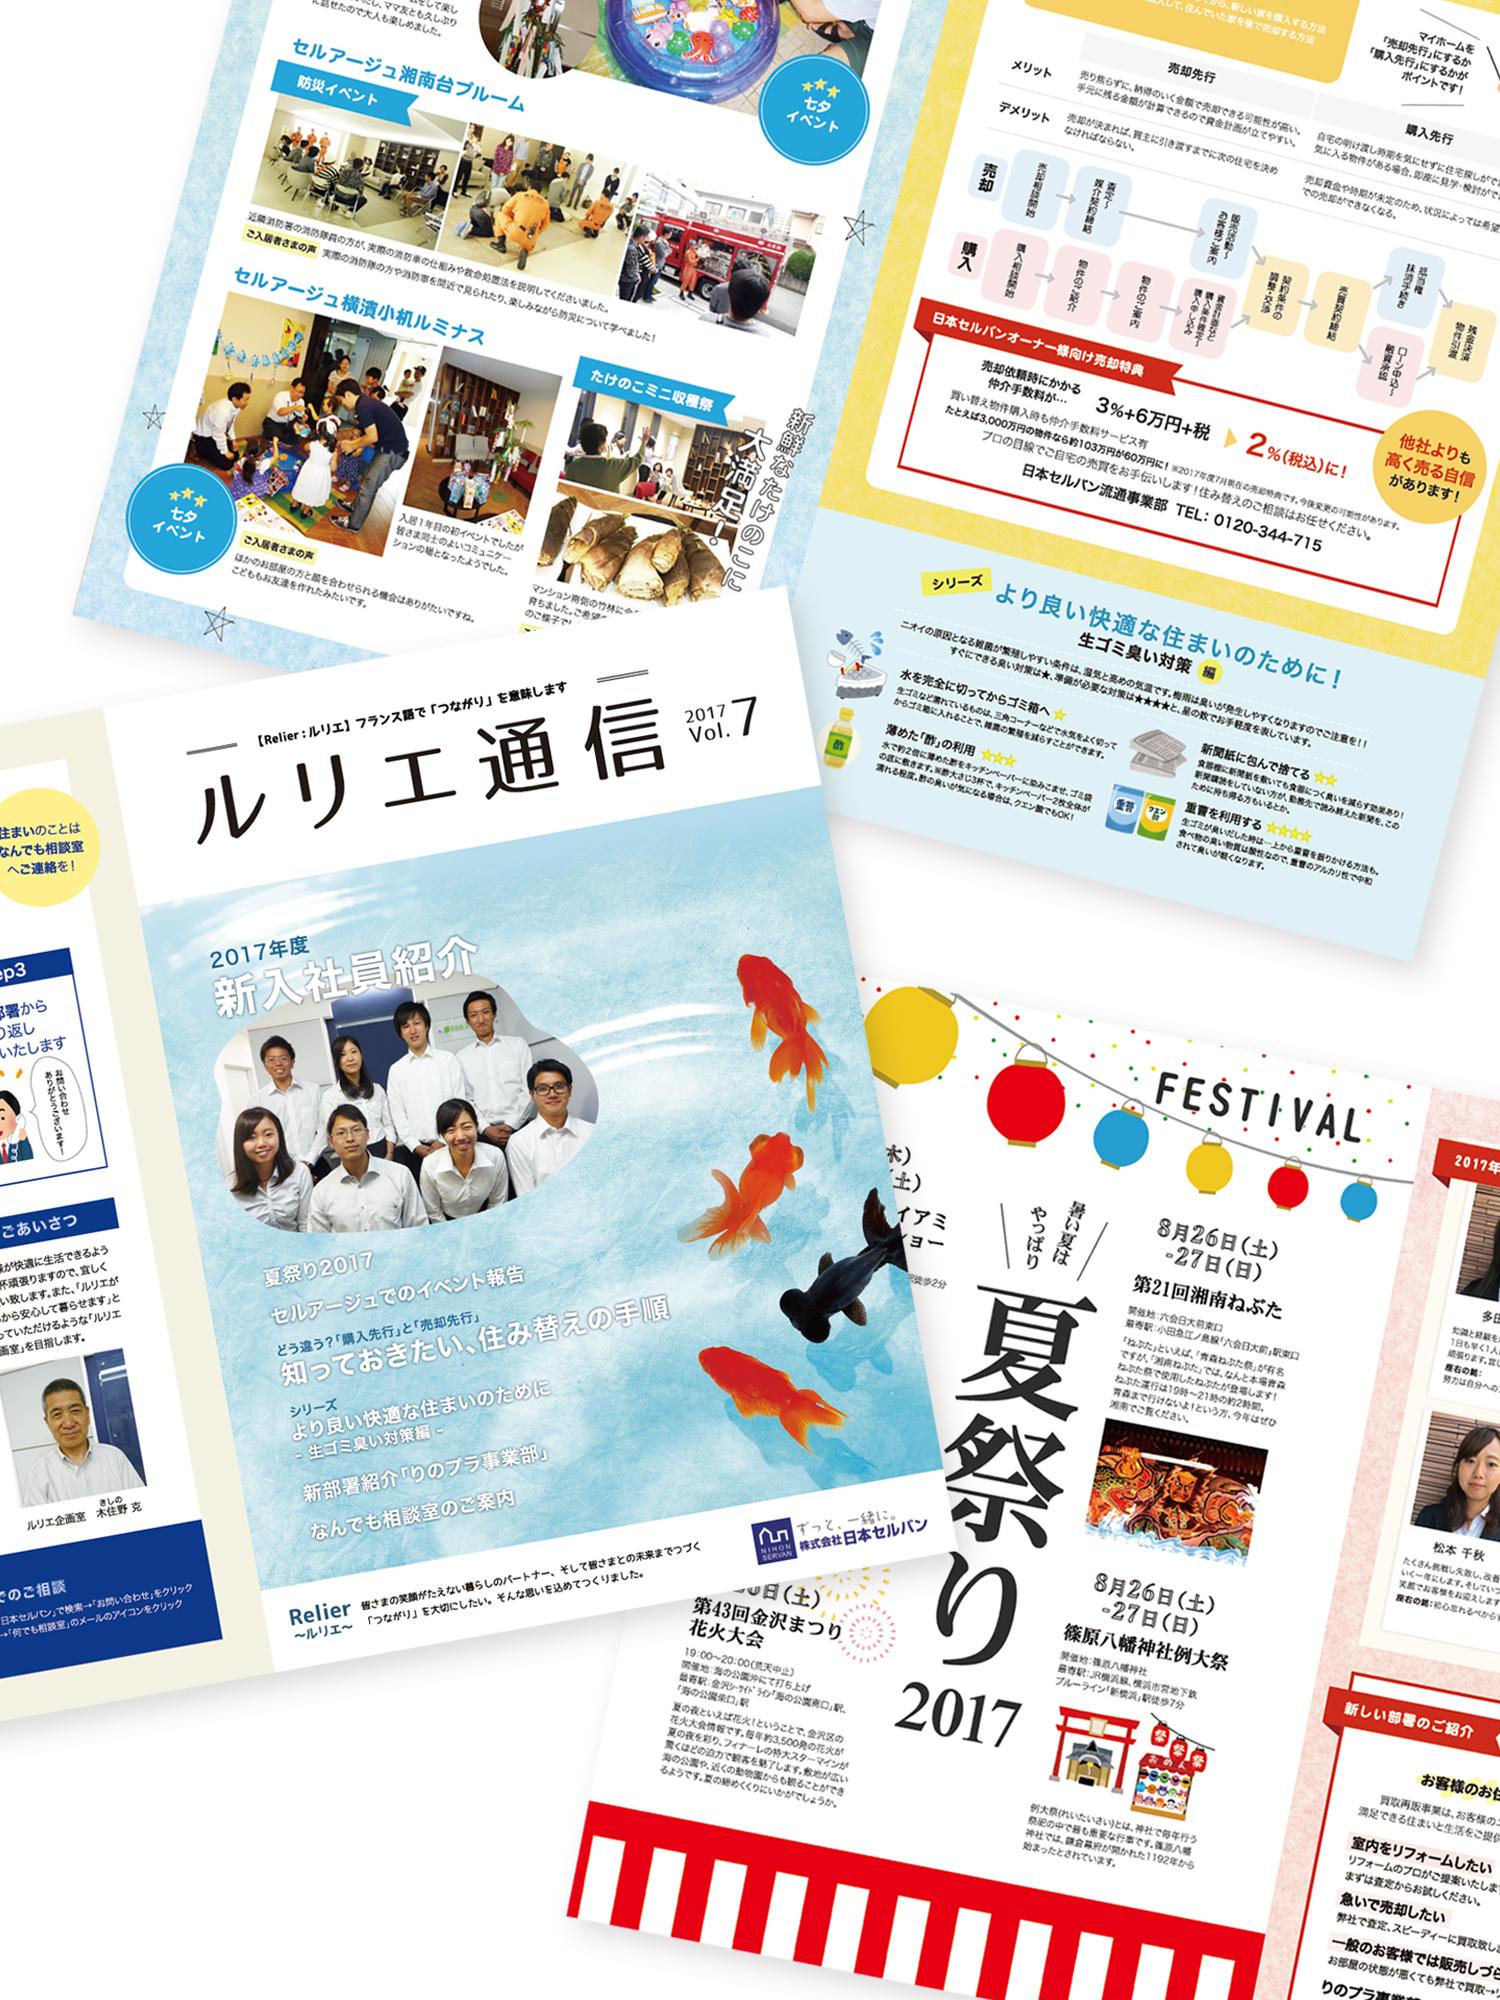 日本セルバンさま ルリエ通信Vol.7